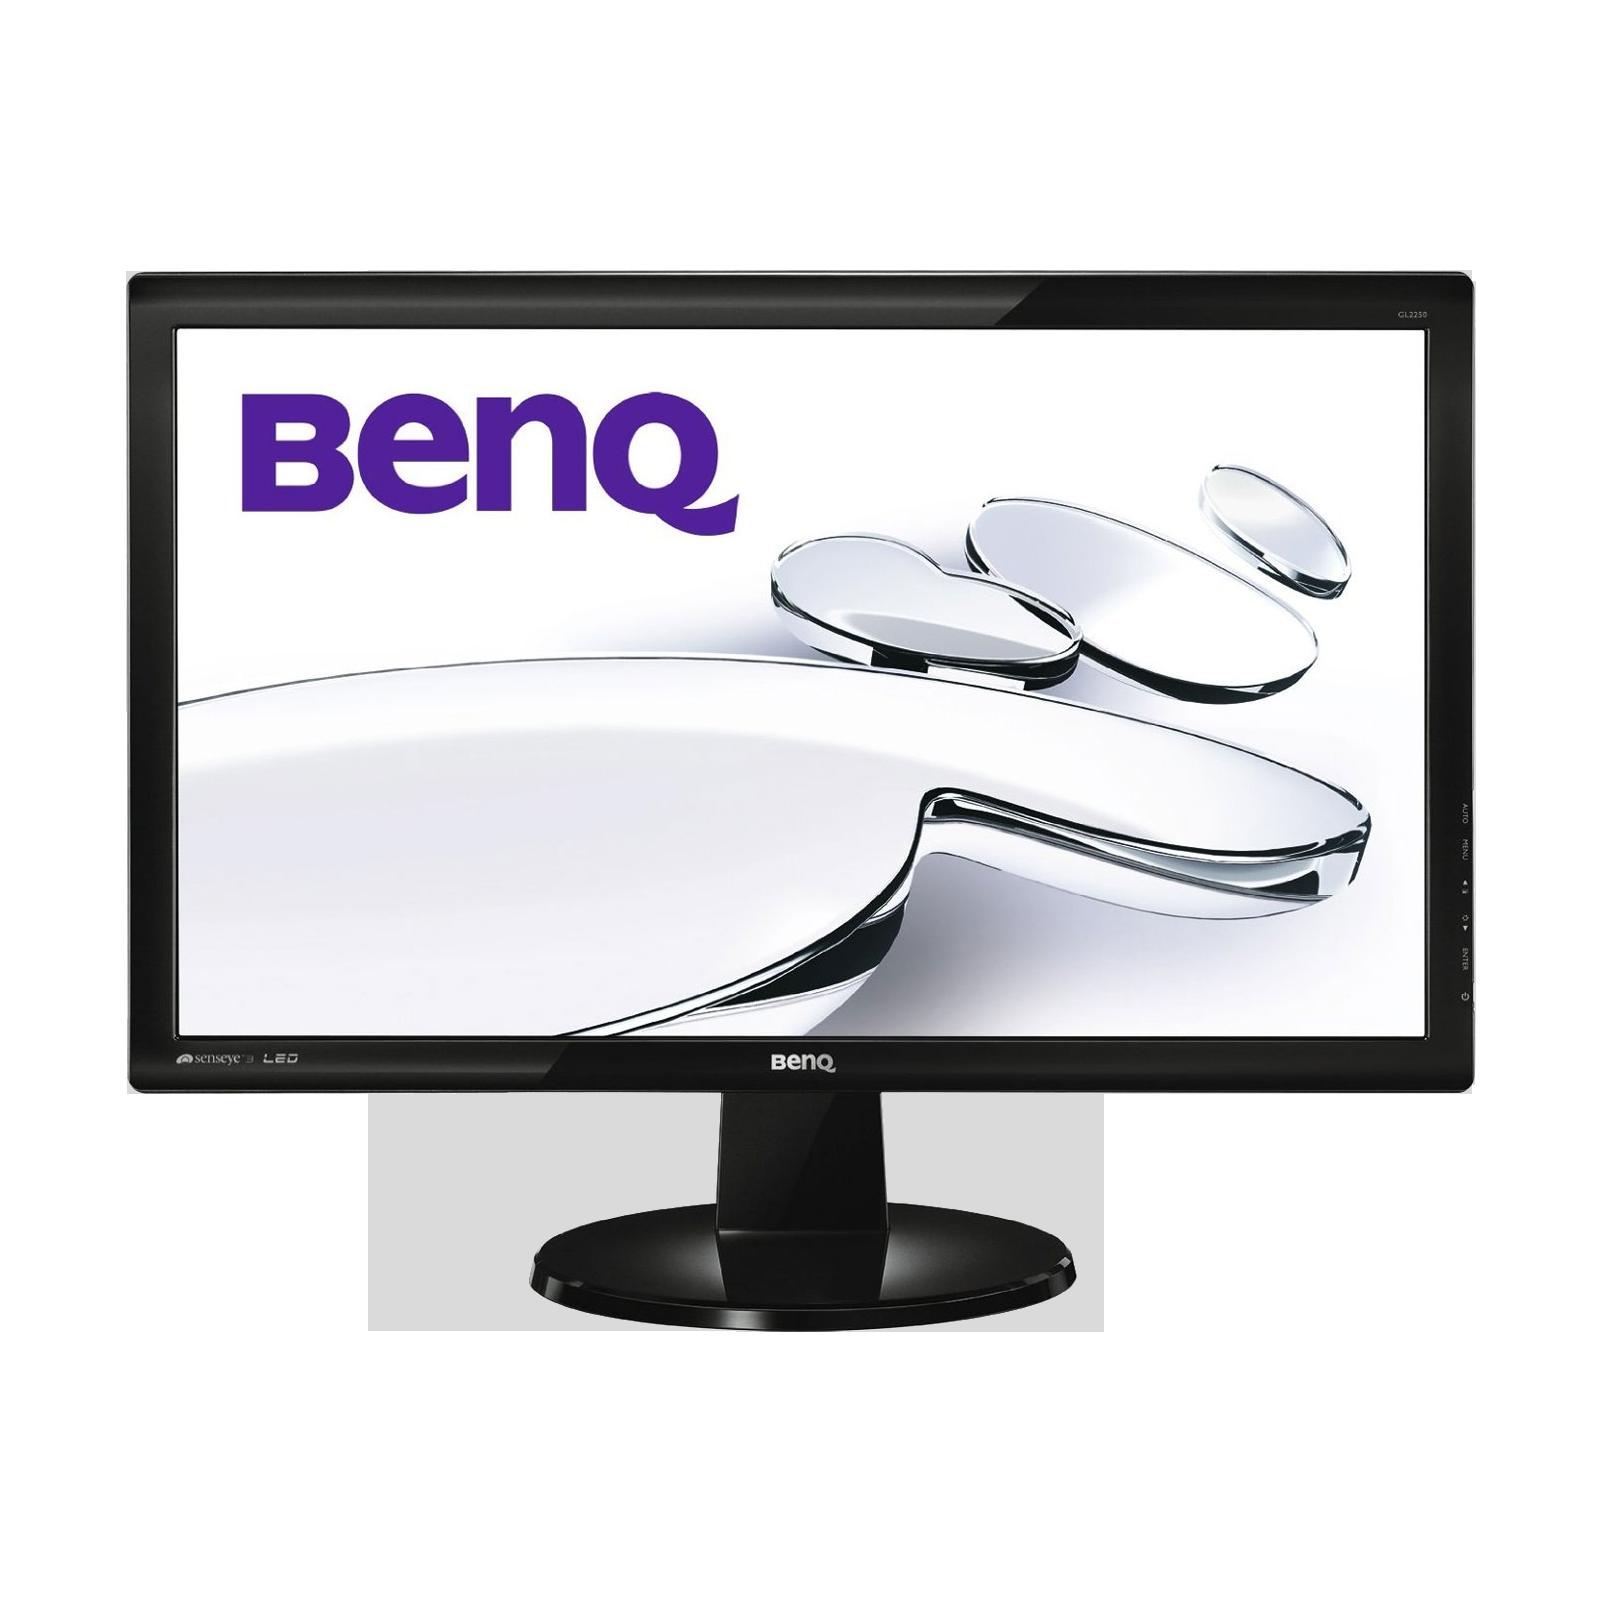 BenQ | GL2250HM | 21.5 LED TN GL2250HM 9H.L6XLA.DBE | 21.5 inch | LED | 1920 x 1080 pixeli | 16:9 | 250 cd/m² | 12.000.000:1 | 5 ms | Dimensiune punct 0.24 mm | Unghi vizibilitate 170/160 ° | D-Sub | DVI | HDMI | 2 x 1 W | Negru